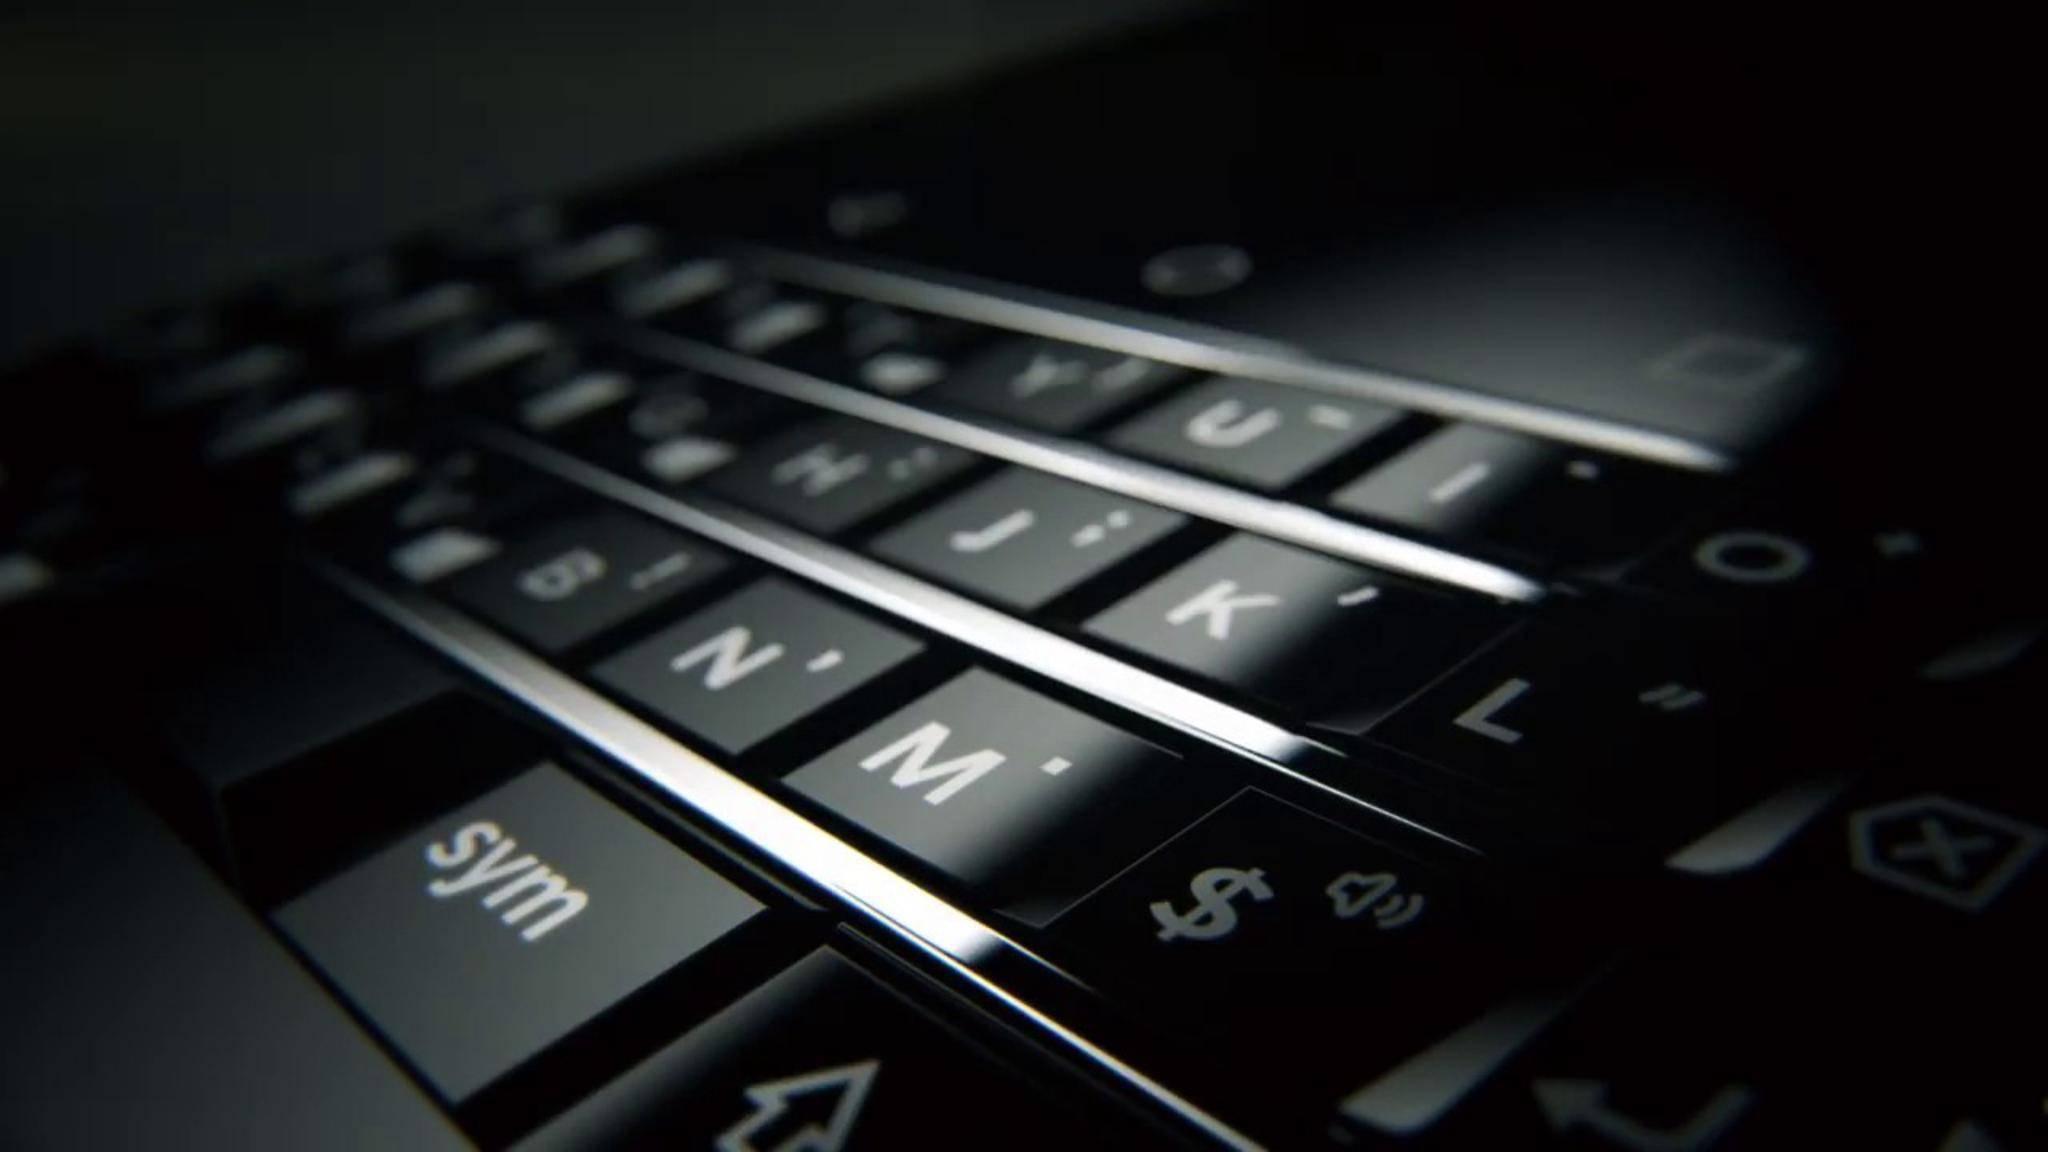 Das Mercury bekommt die typische BlackBerry-Tastatur.